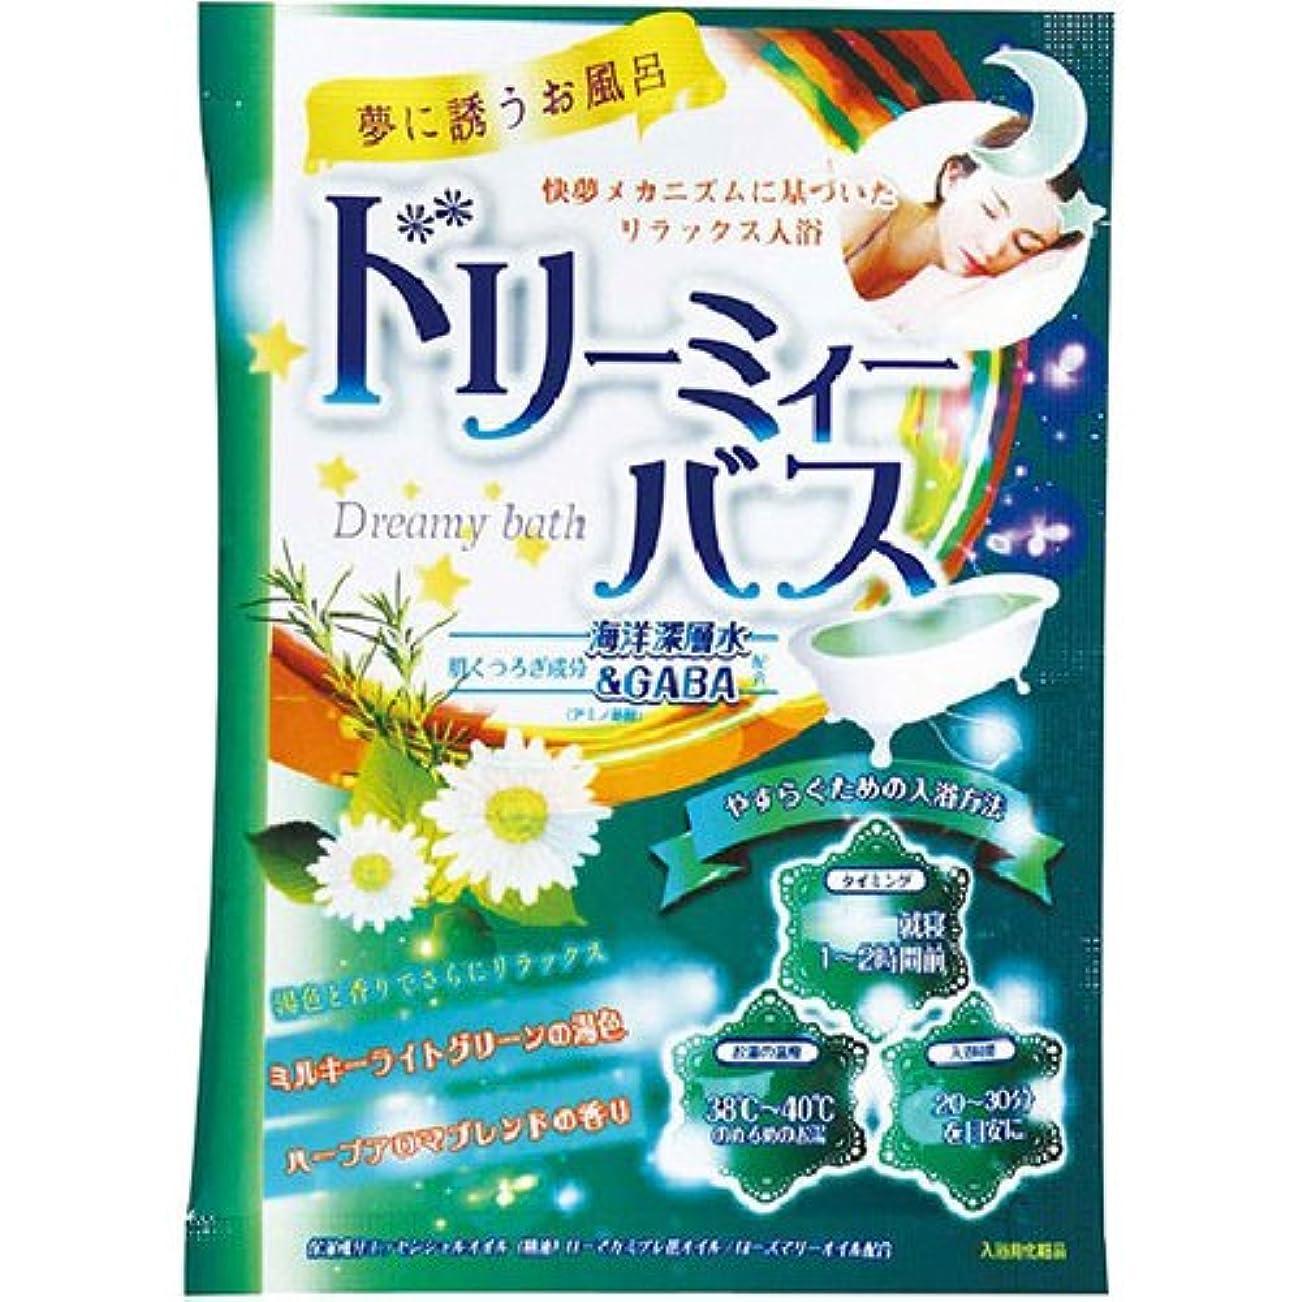 人気マート寛解ドリーミィーバス ハーブアロマブレンドの香り 50g